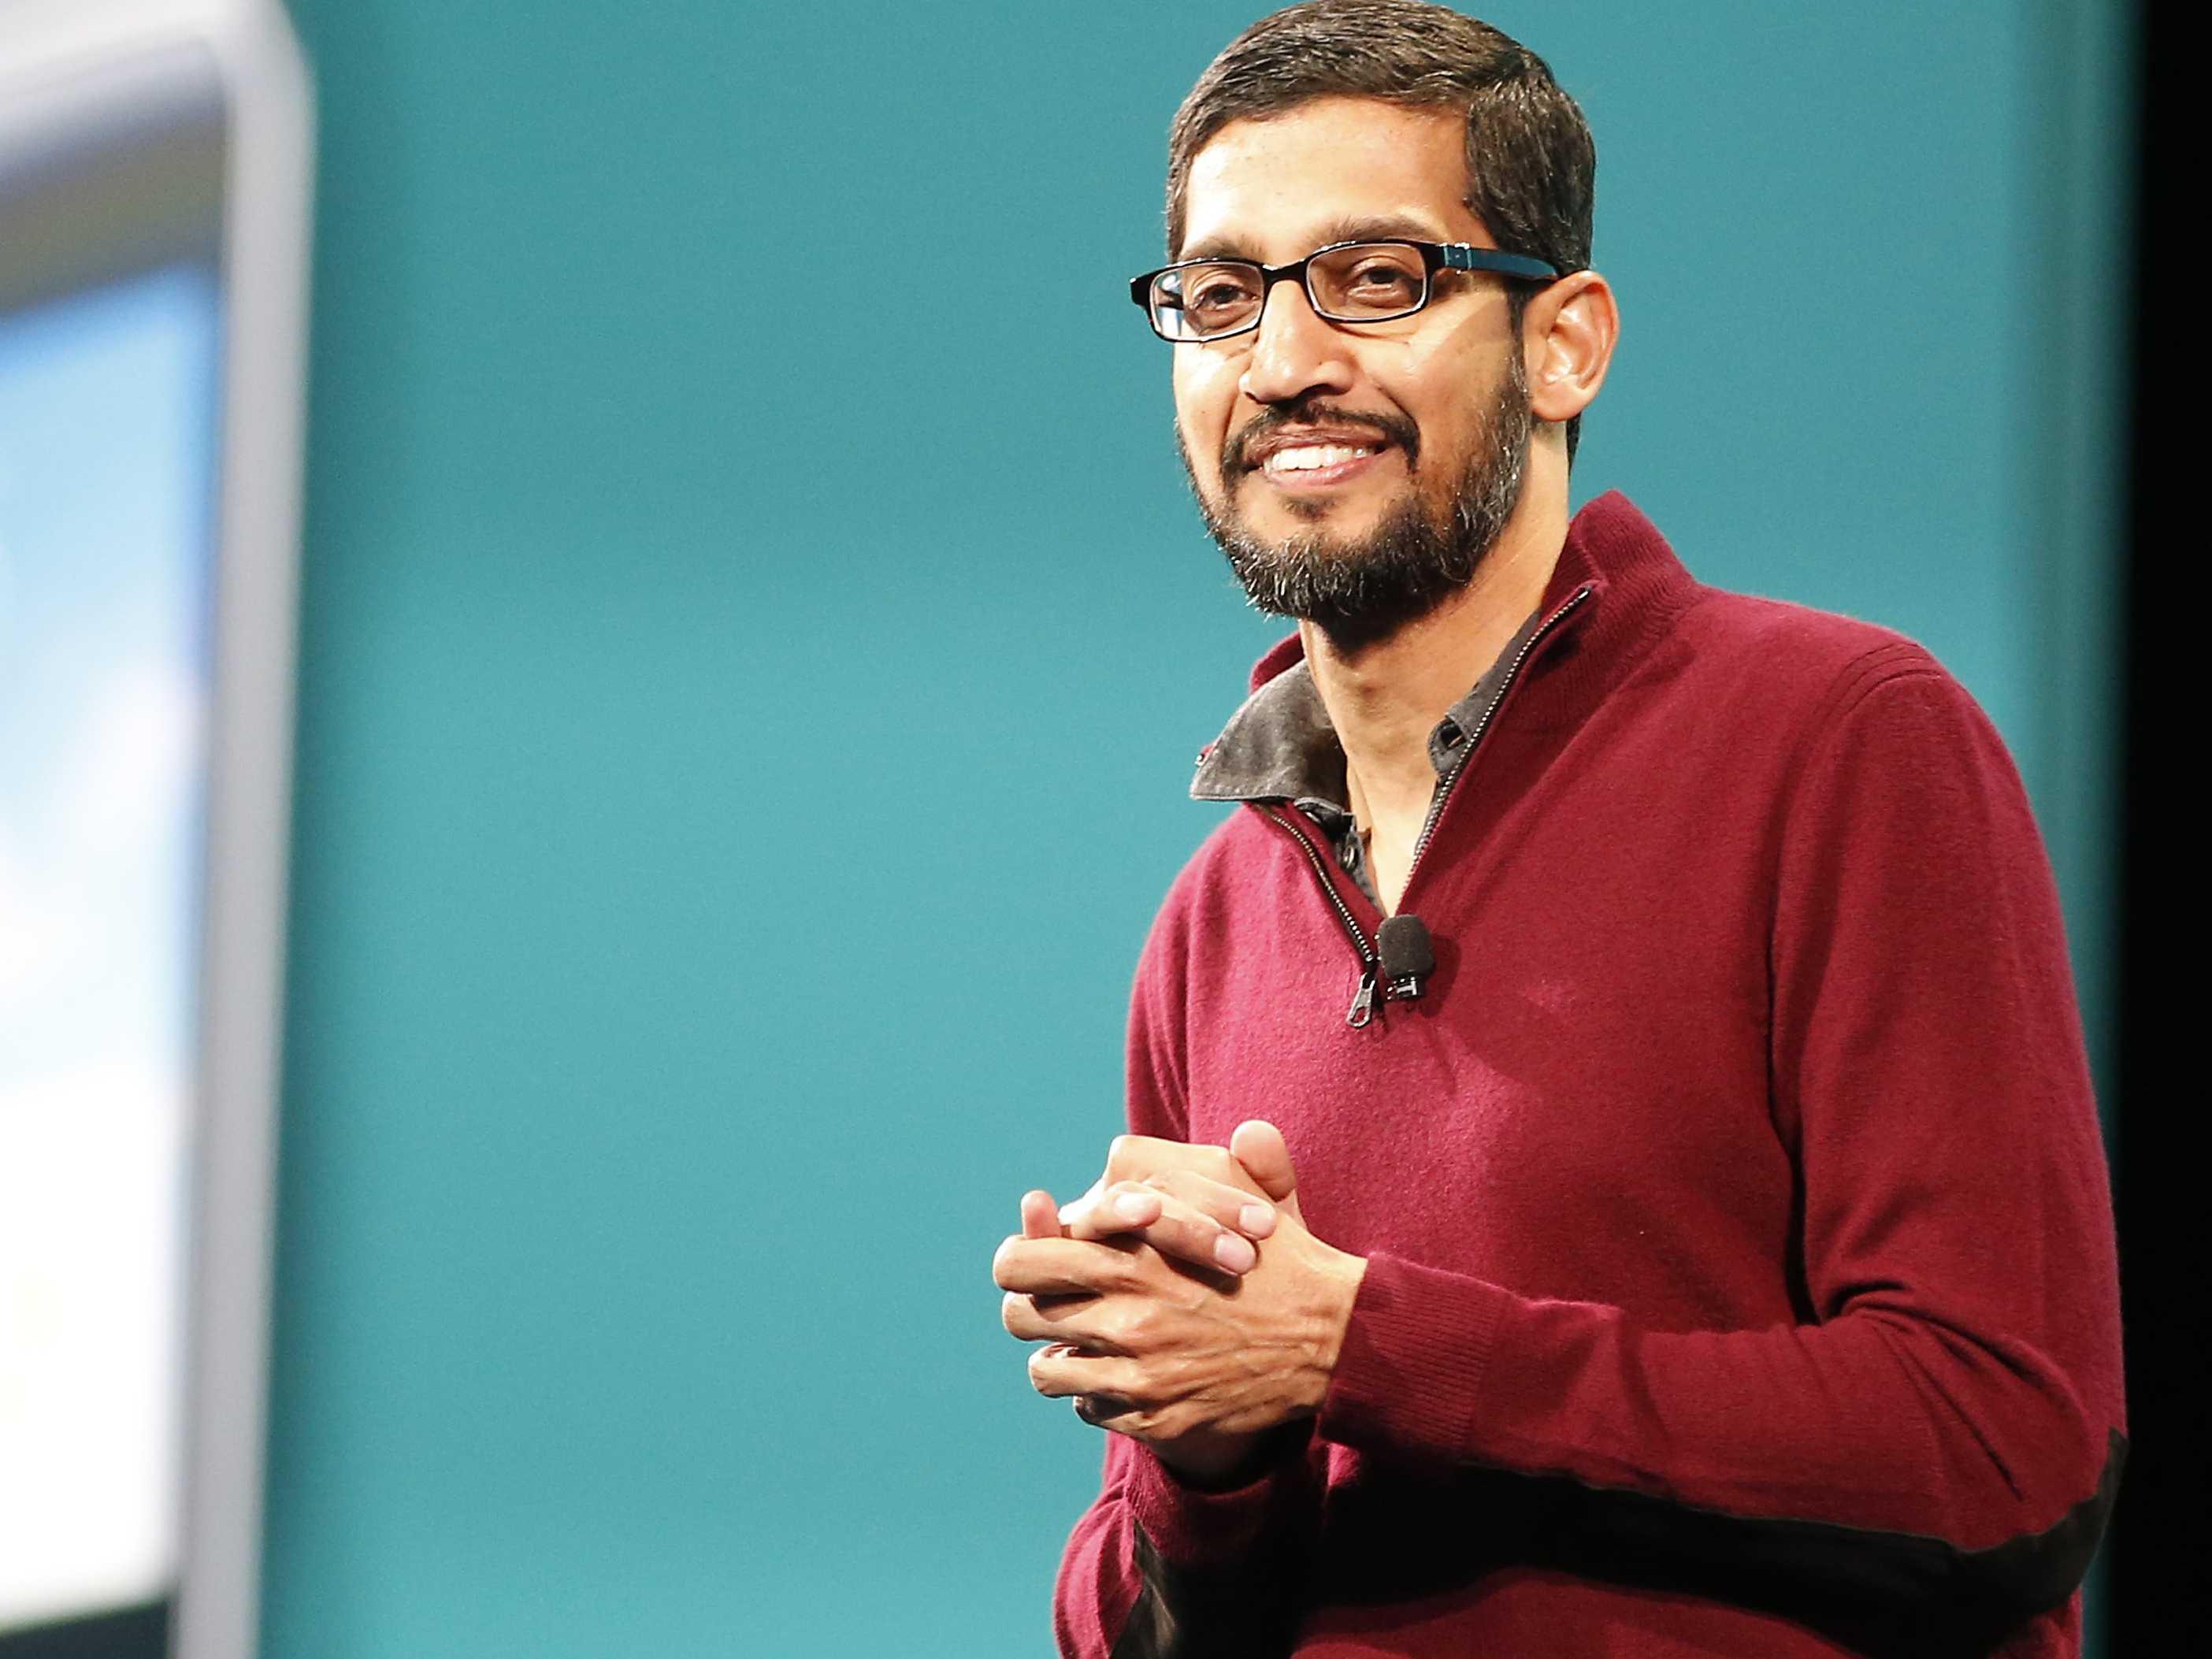 Sundar Pichai devenu le 10 août 2015 le PDG de Google